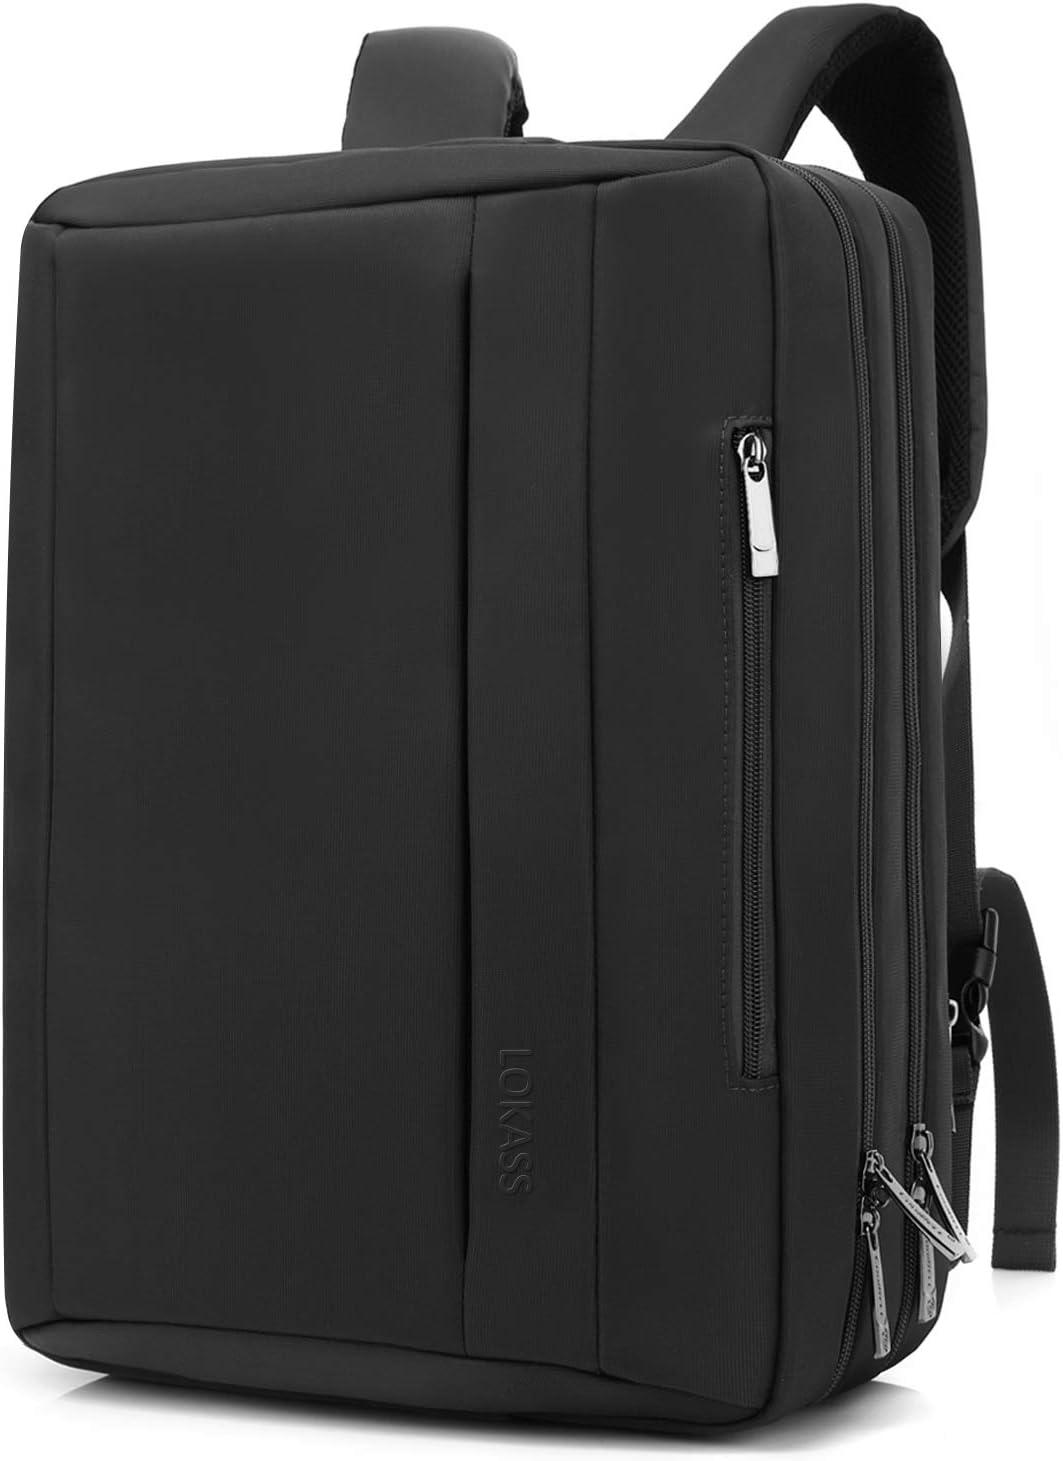 LOKASS Convertible Laptop Bag Messenger Bag Shoulder Bag Backpack Multi-Functional Briefcase Fits 17.3 Inches Laptop for Men Women Black